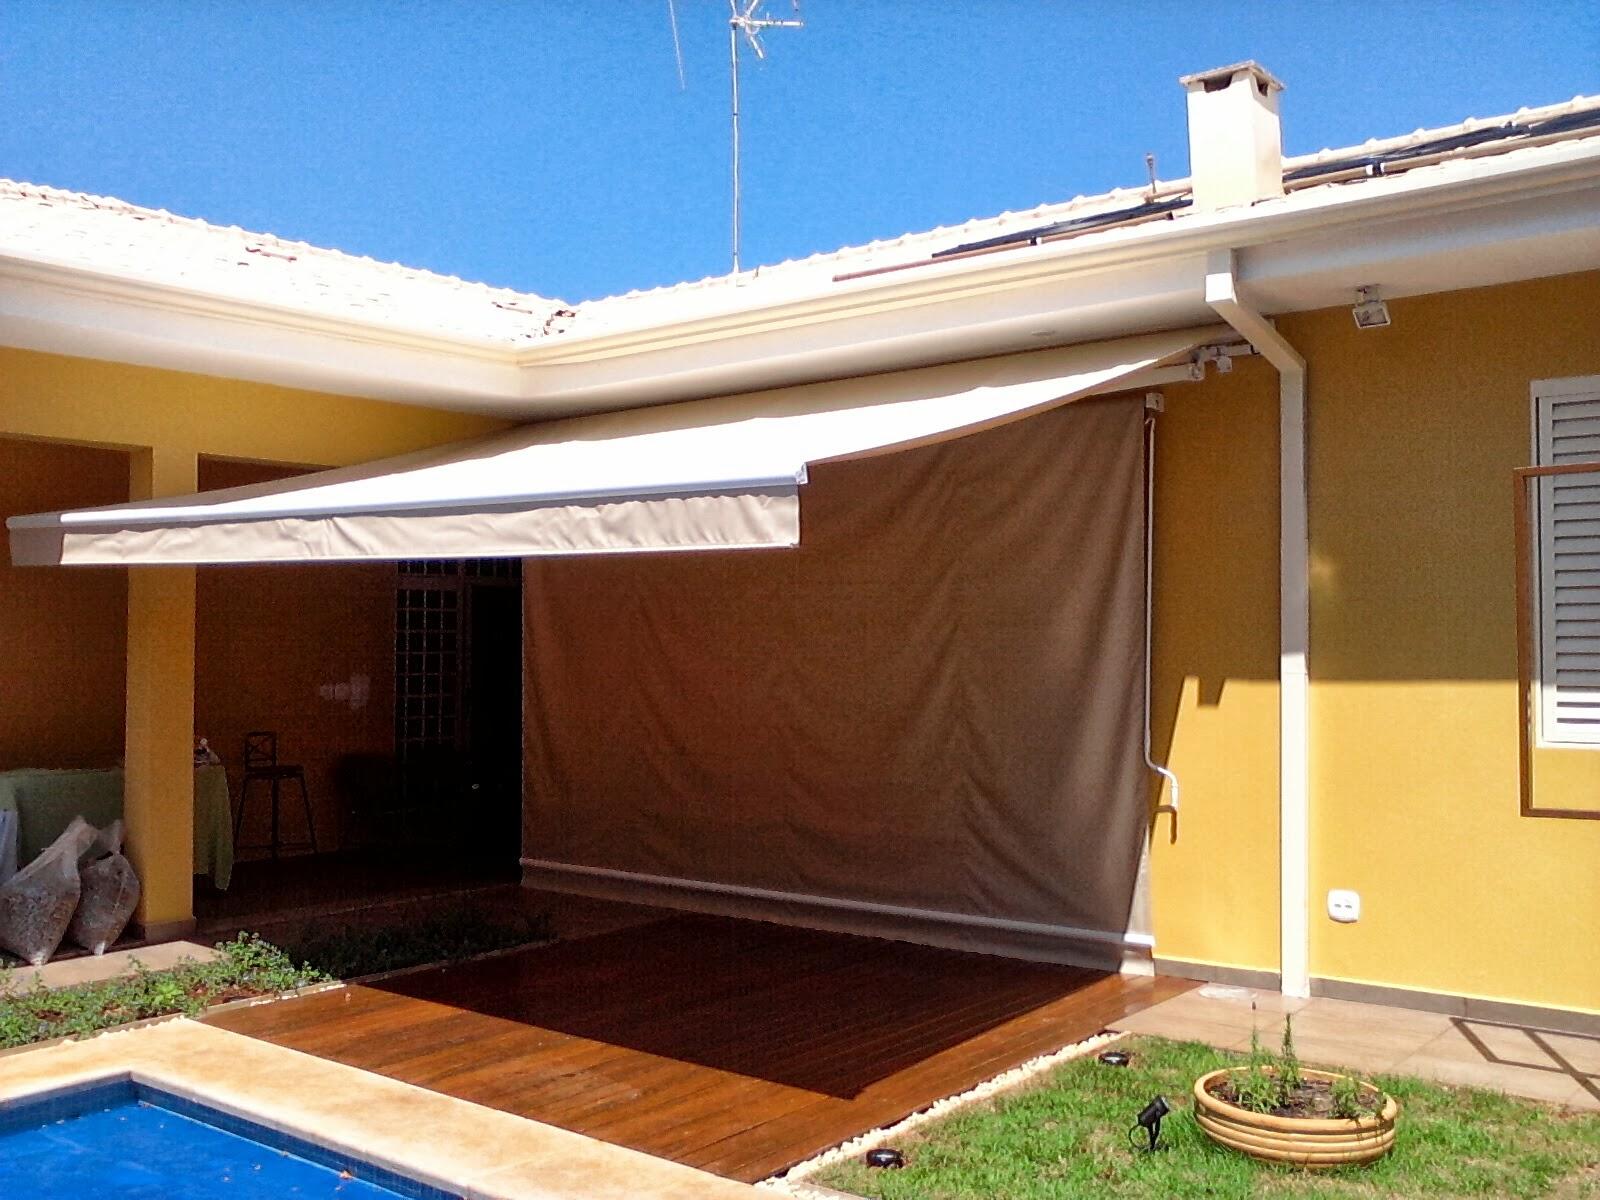 Fotos modelos e pre os de toldos e cobertura residencial for Toldos correderos baratos